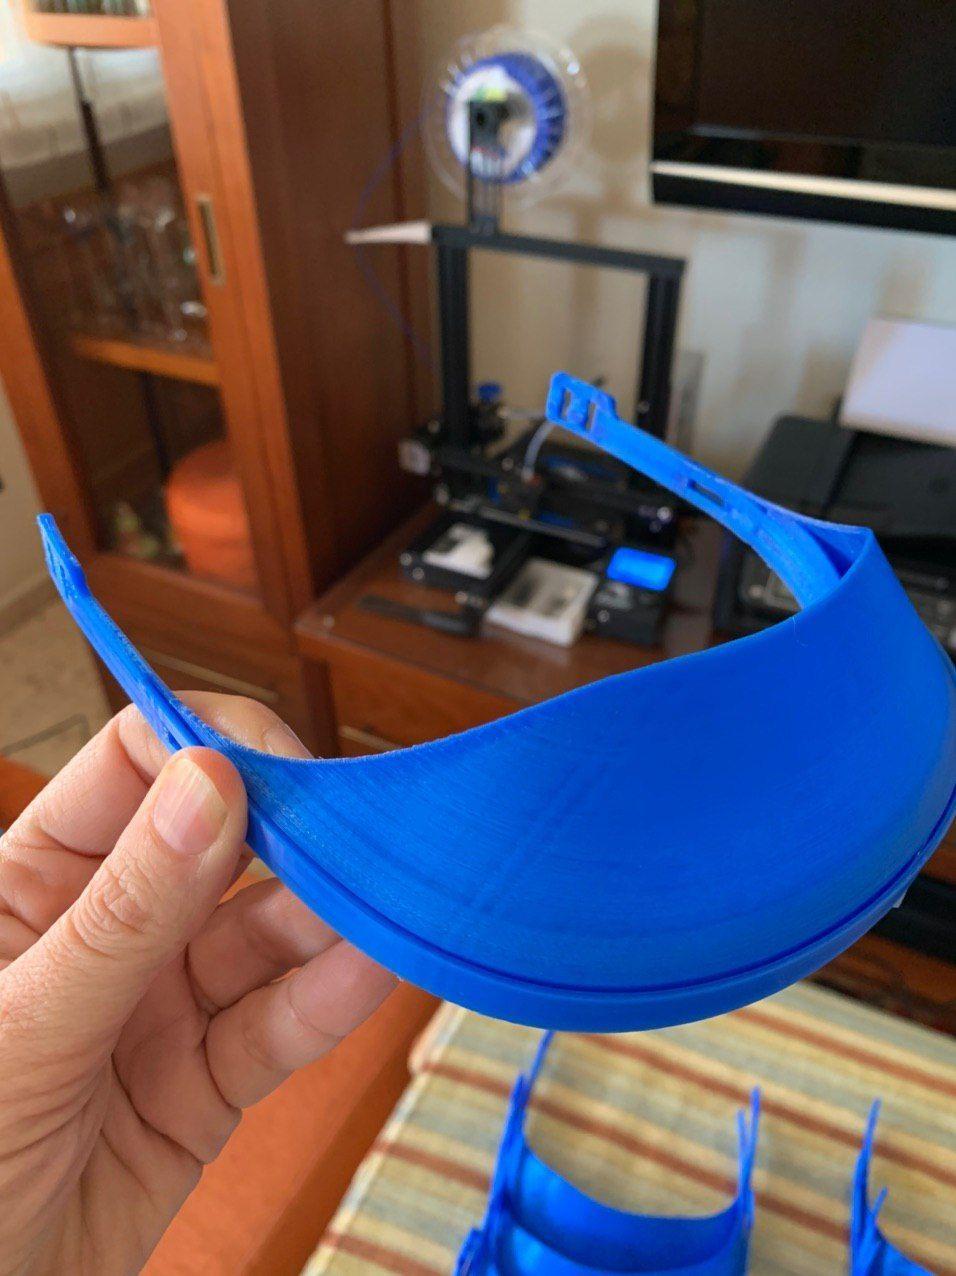 Alt Impressa-o-3D-de-ma-scaras-ciru-rgicas, title Impressa-o-3D-de-ma-scaras-ciru-rgicas